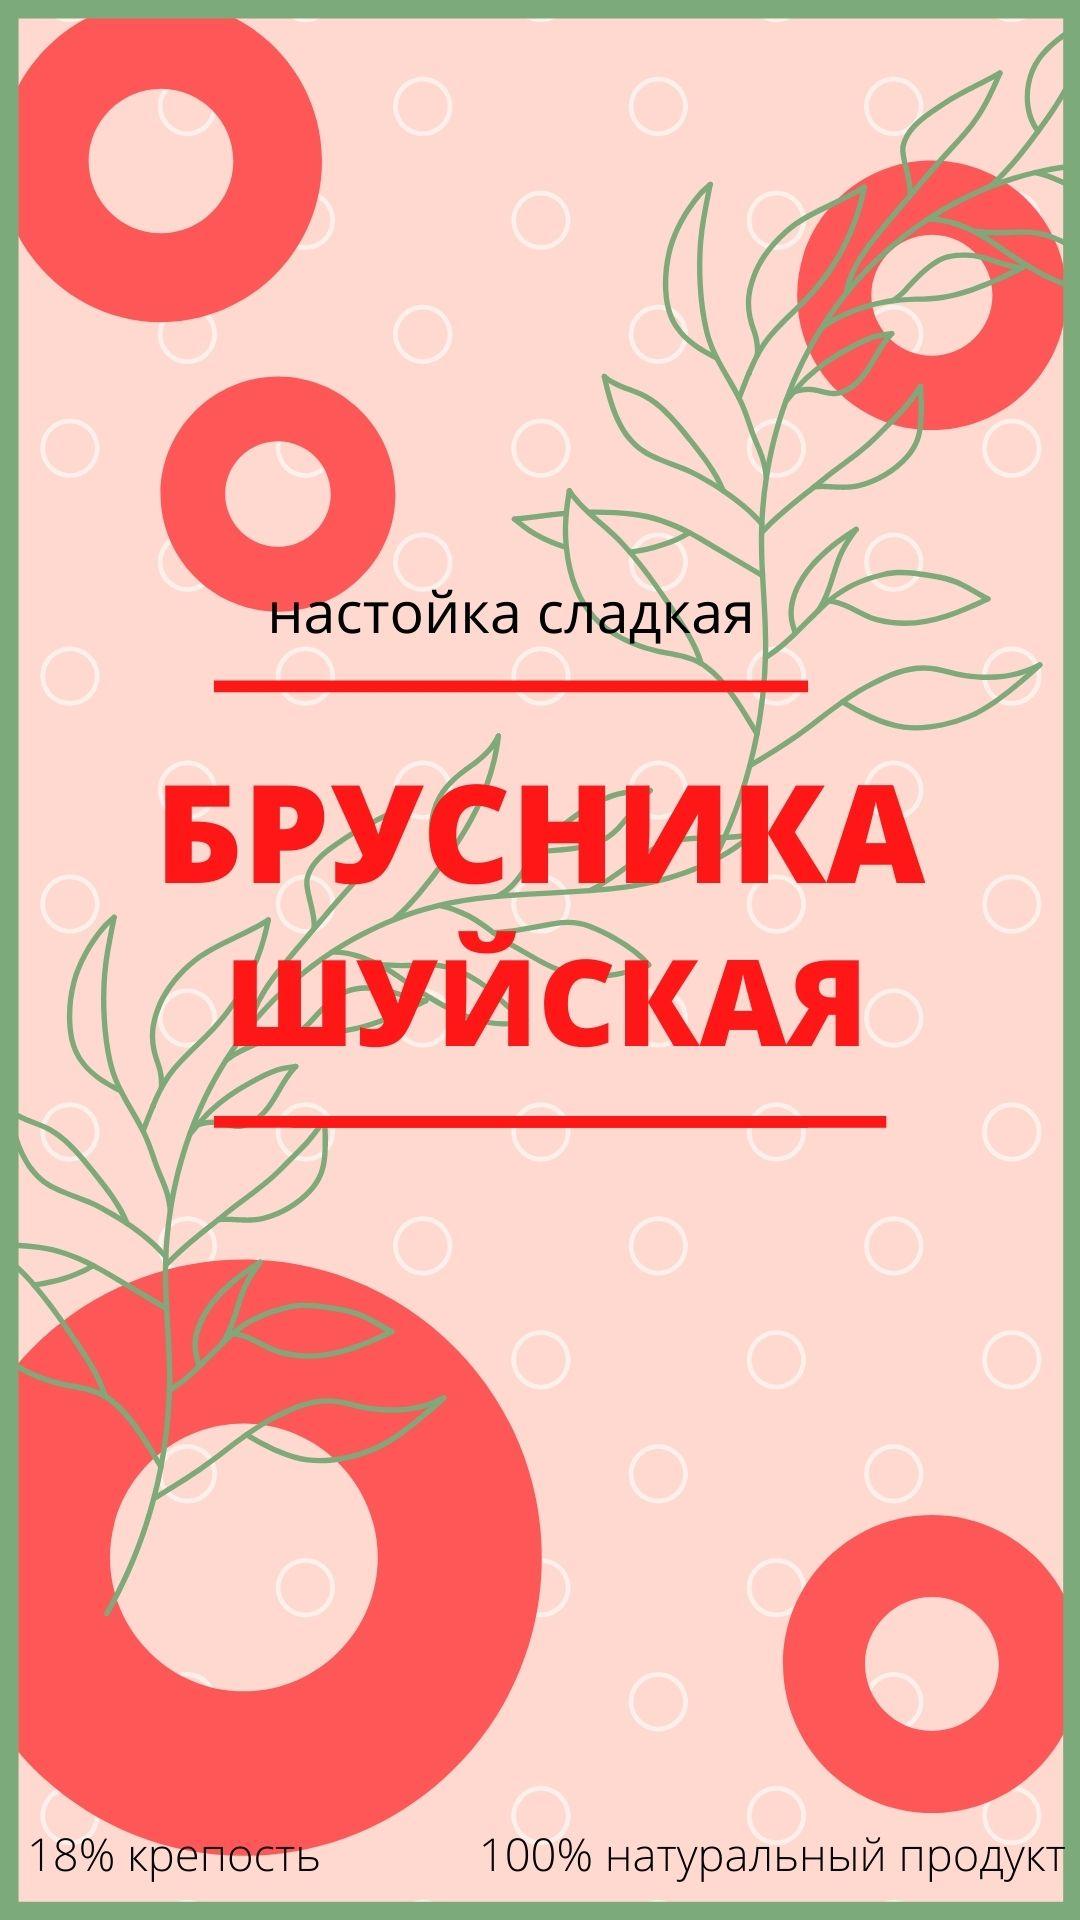 Дизайн этикетки алкогольного продукта (сладкая настойка) фото f_7175f86eda875537.jpg